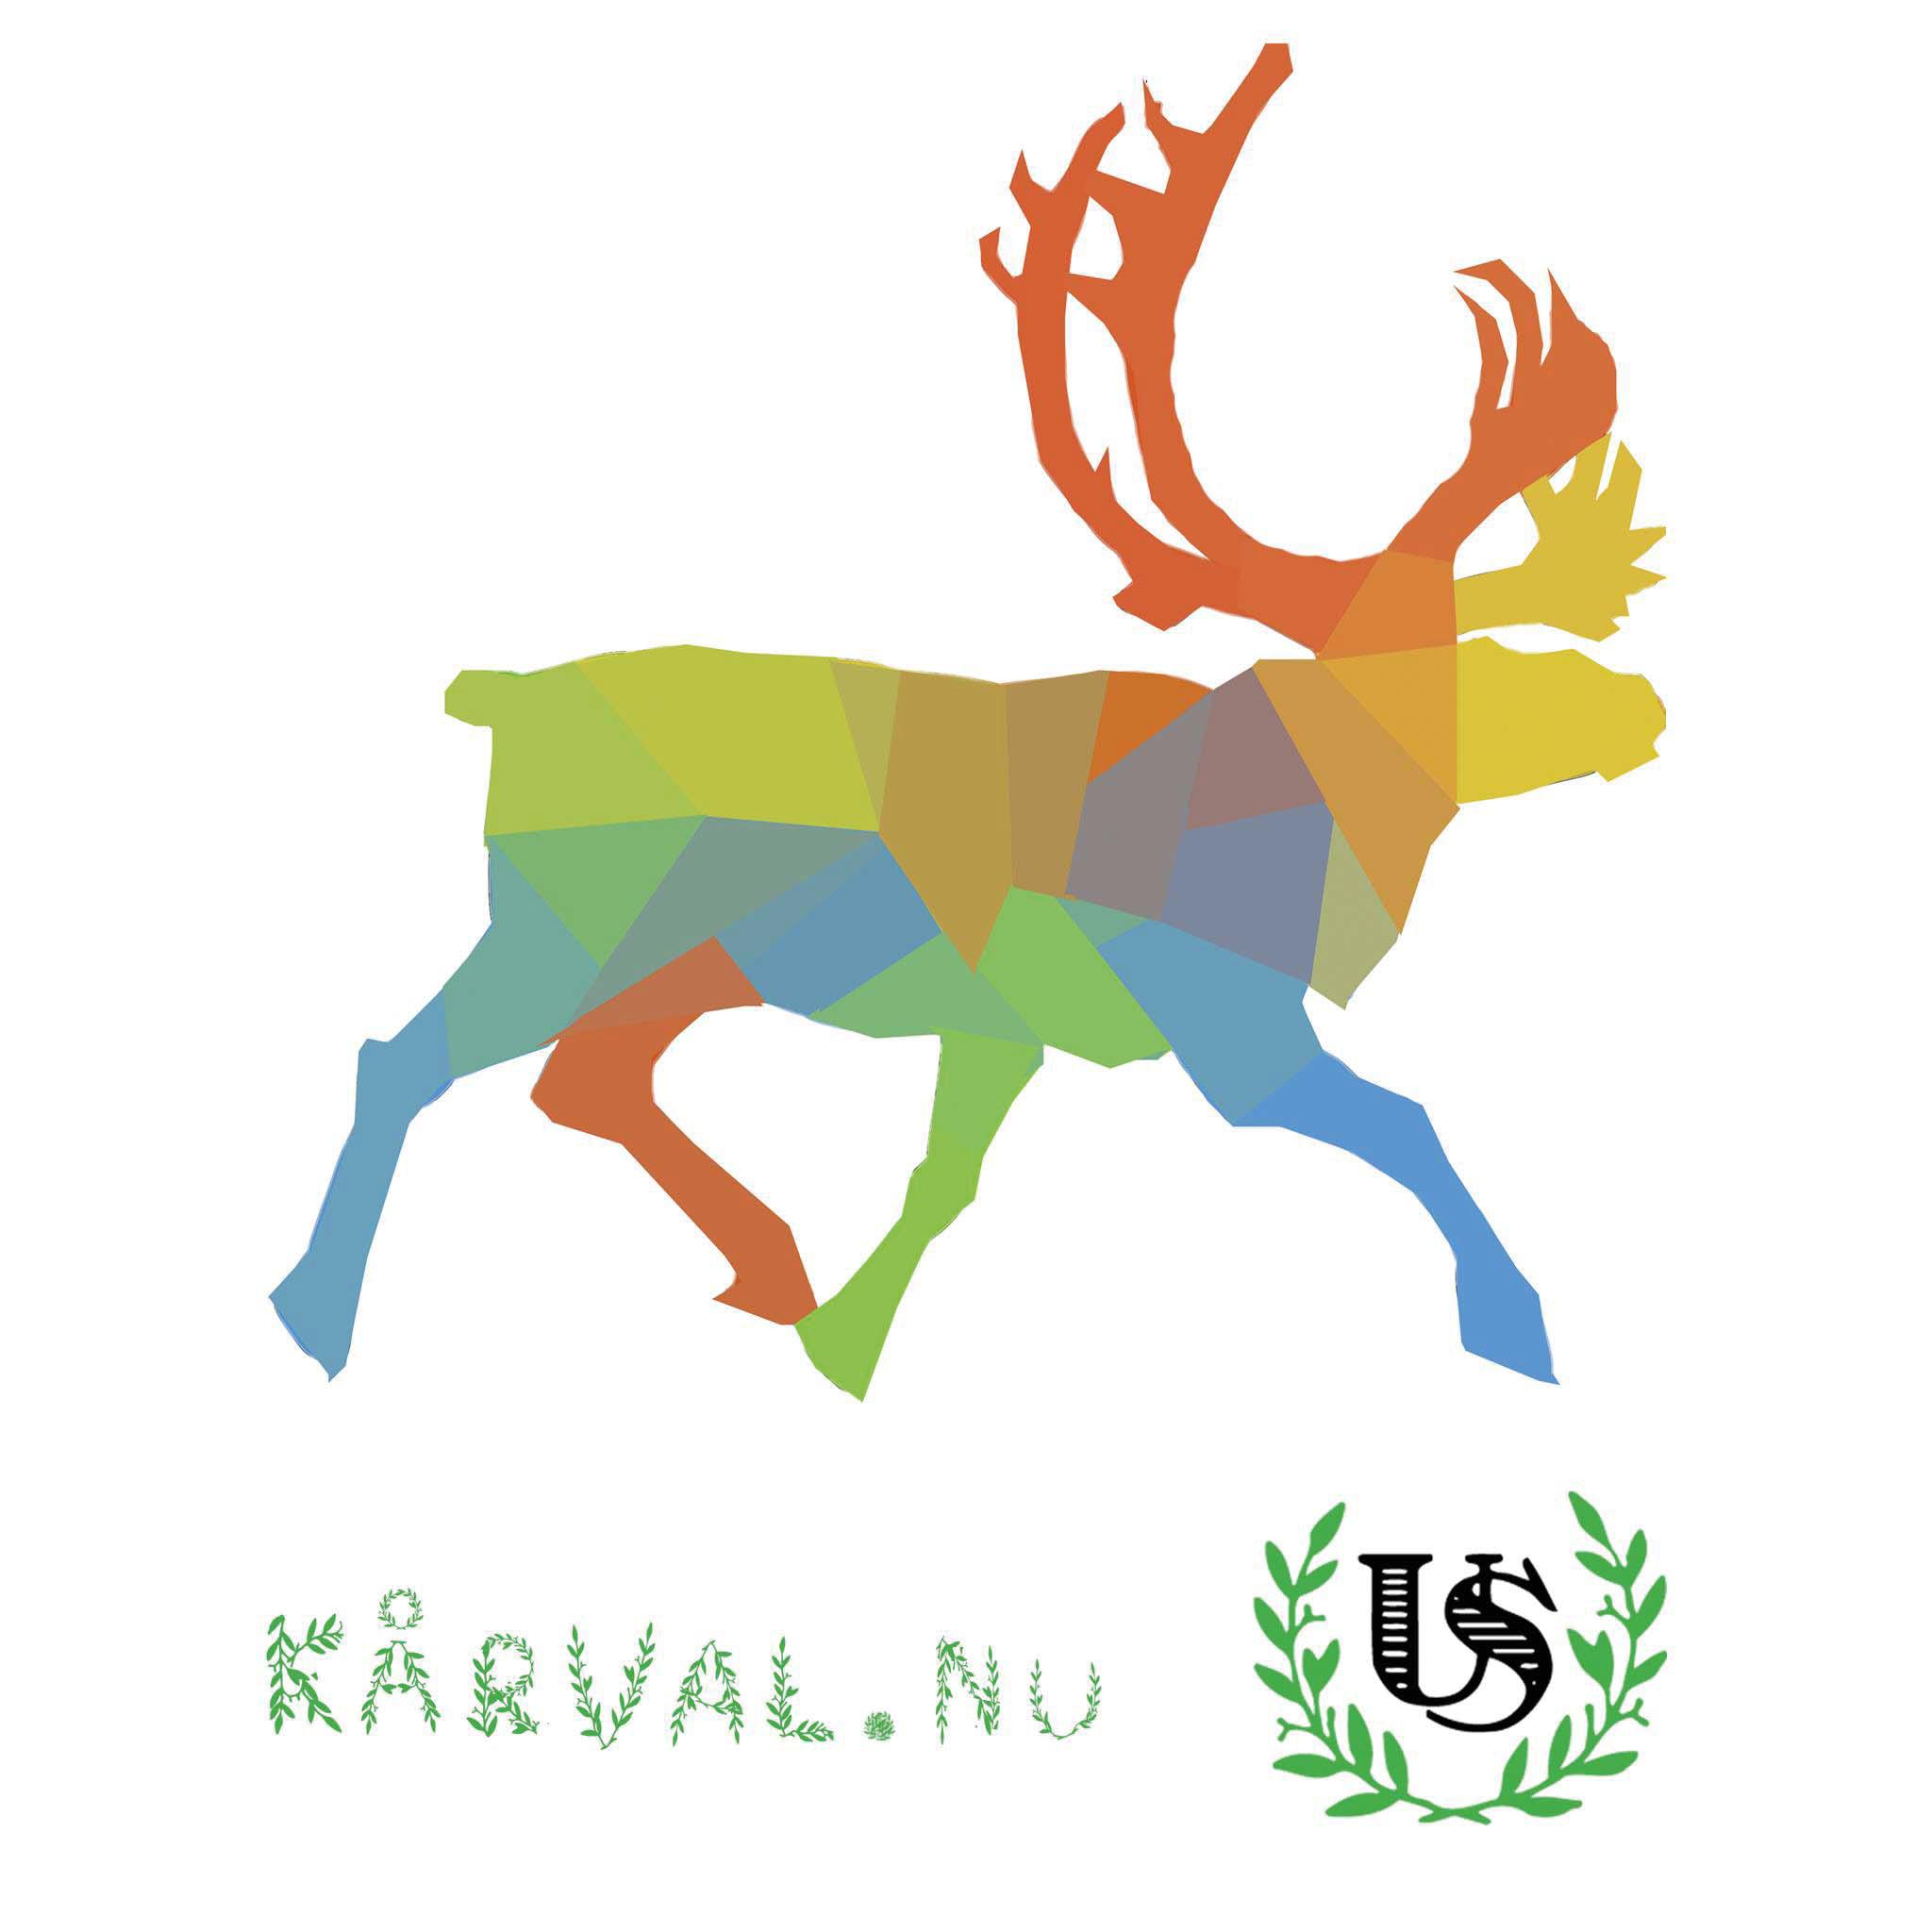 Kårval_Ren-EPS1.png